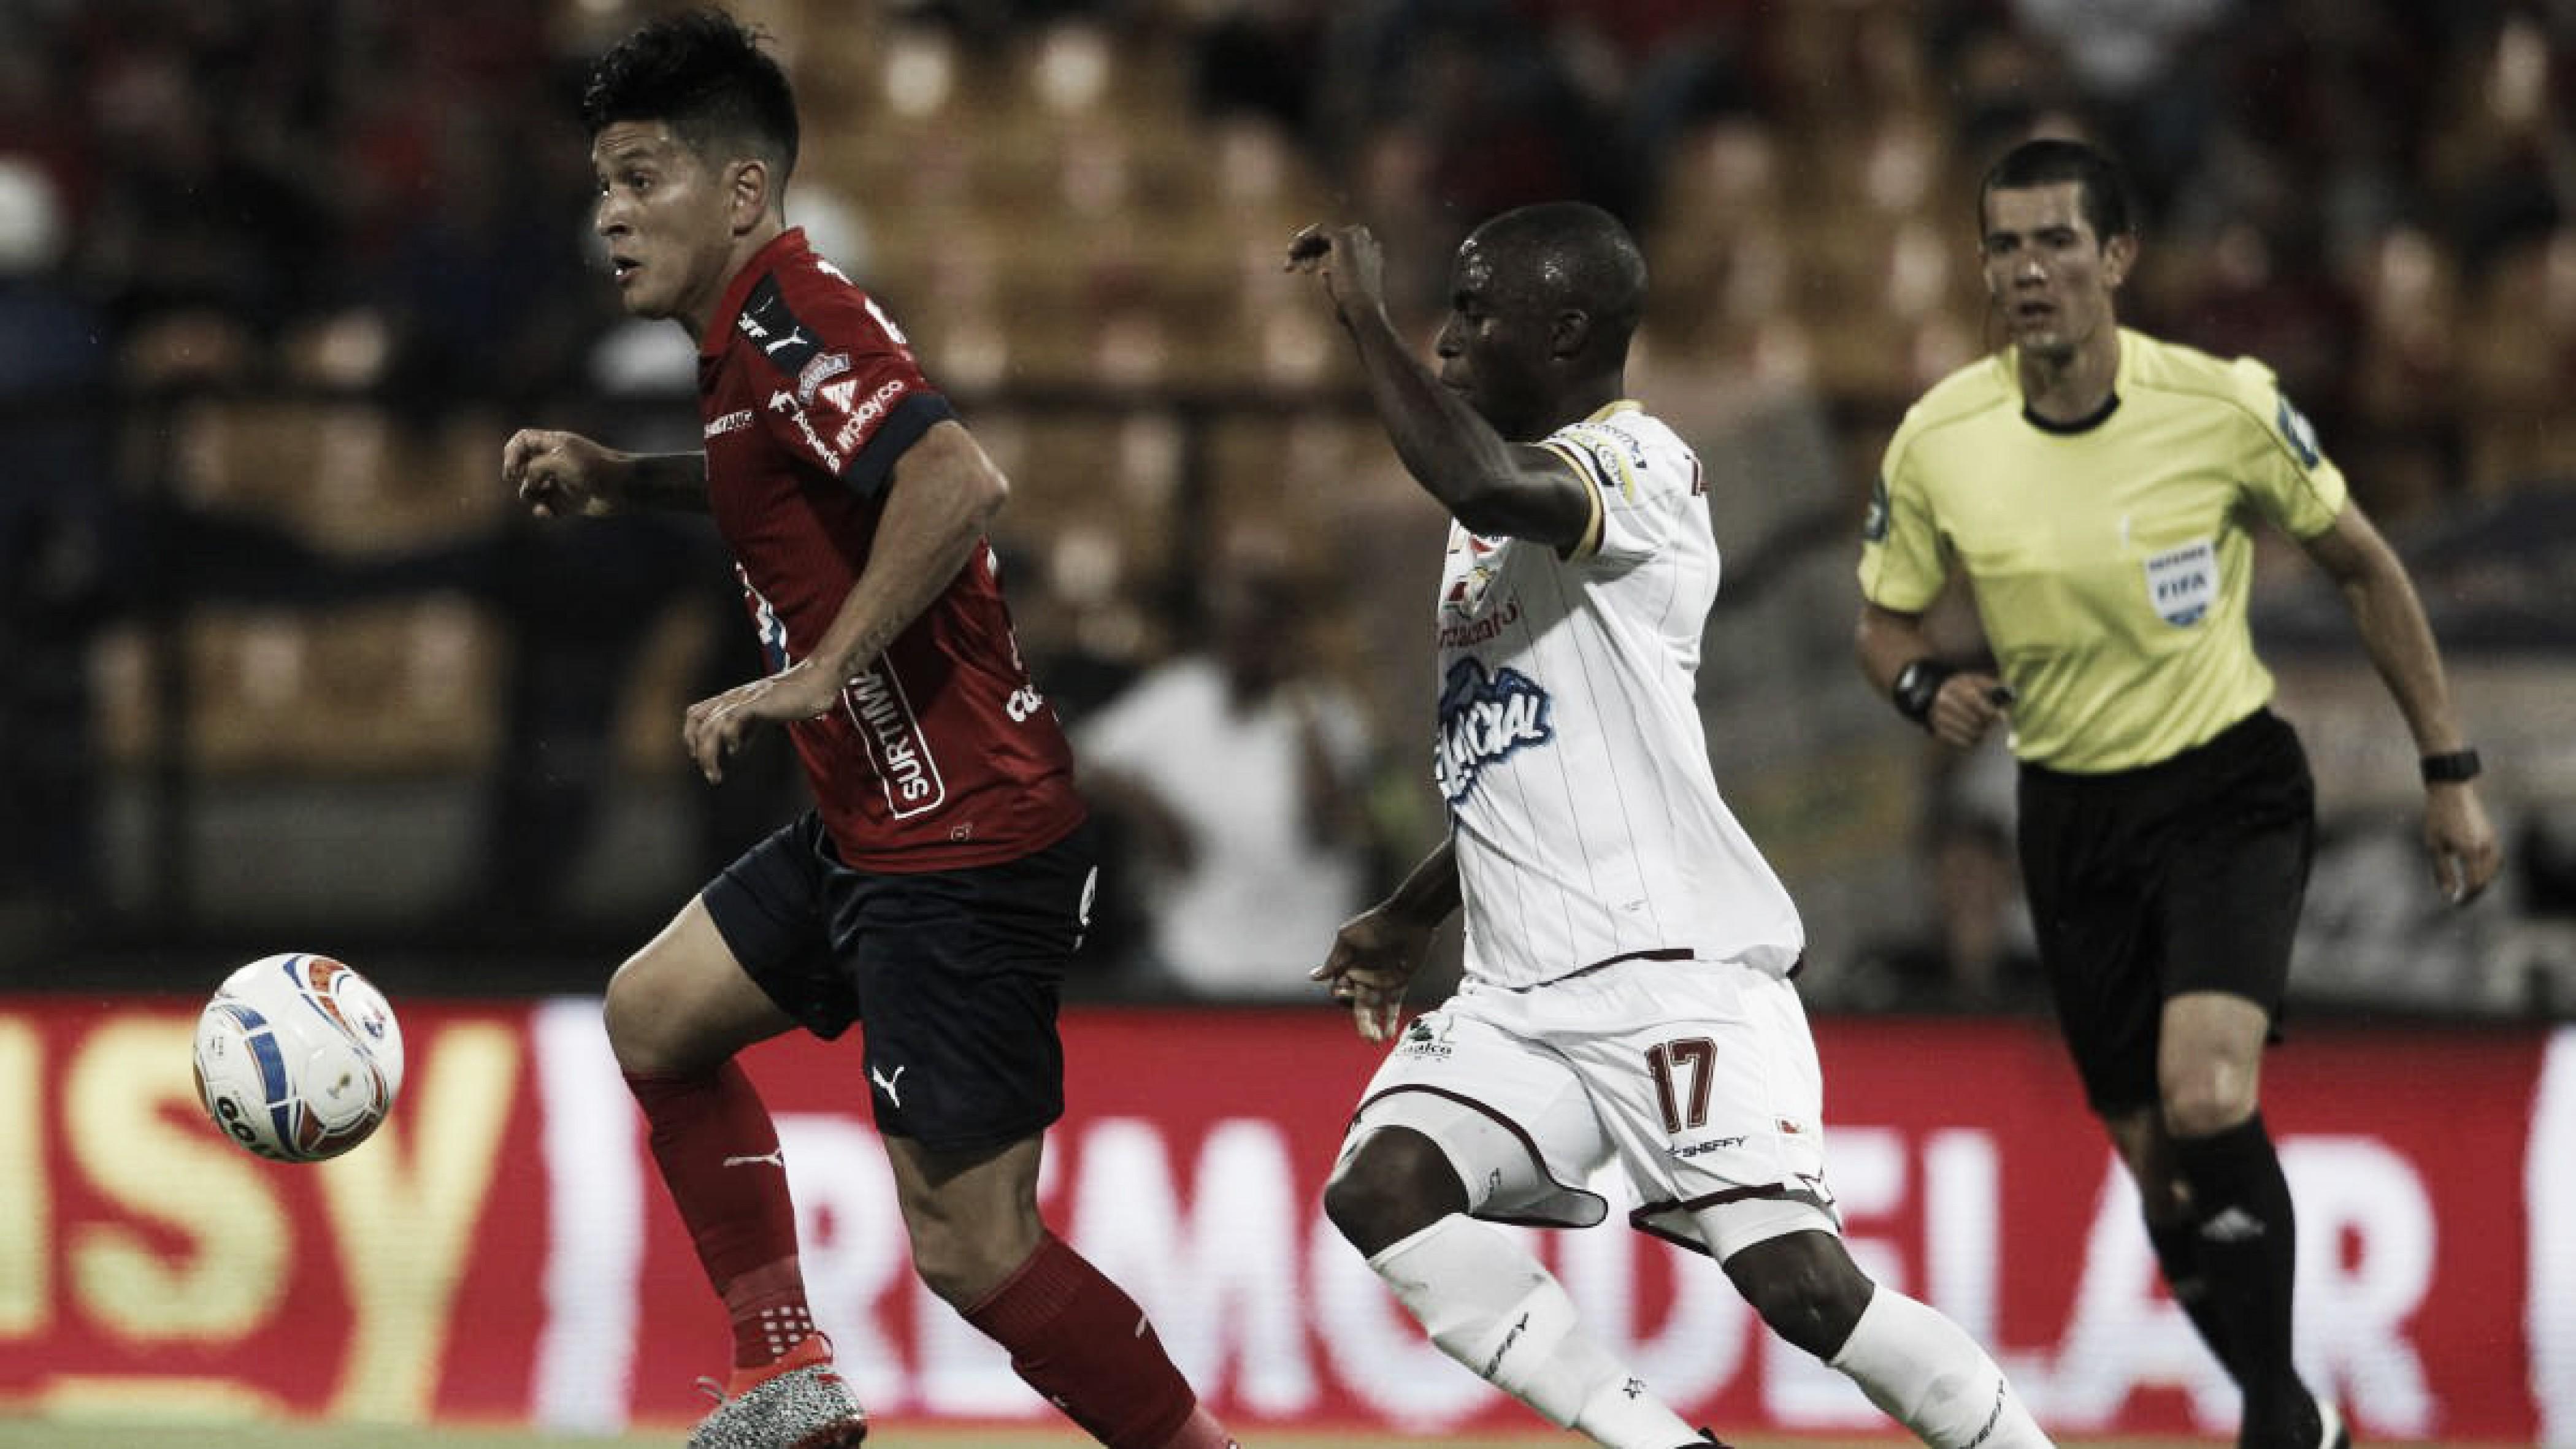 Convocados en el Independiente Medellín para enfrentar a Deportes Tolima